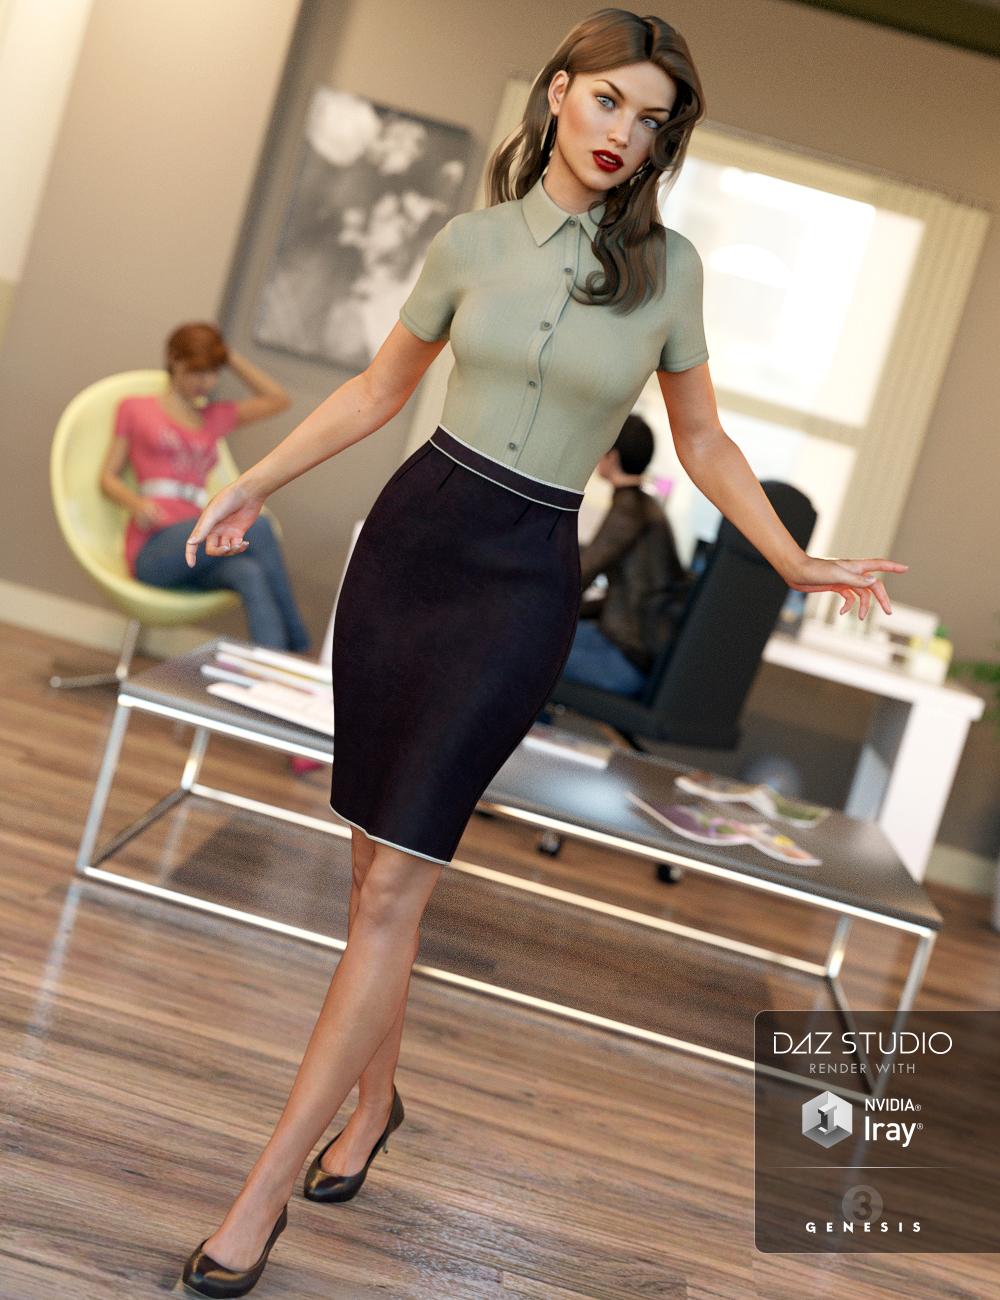 Office Wear for Genesis 3 Female(s) by: IH KangSarsa, 3D Models by Daz 3D